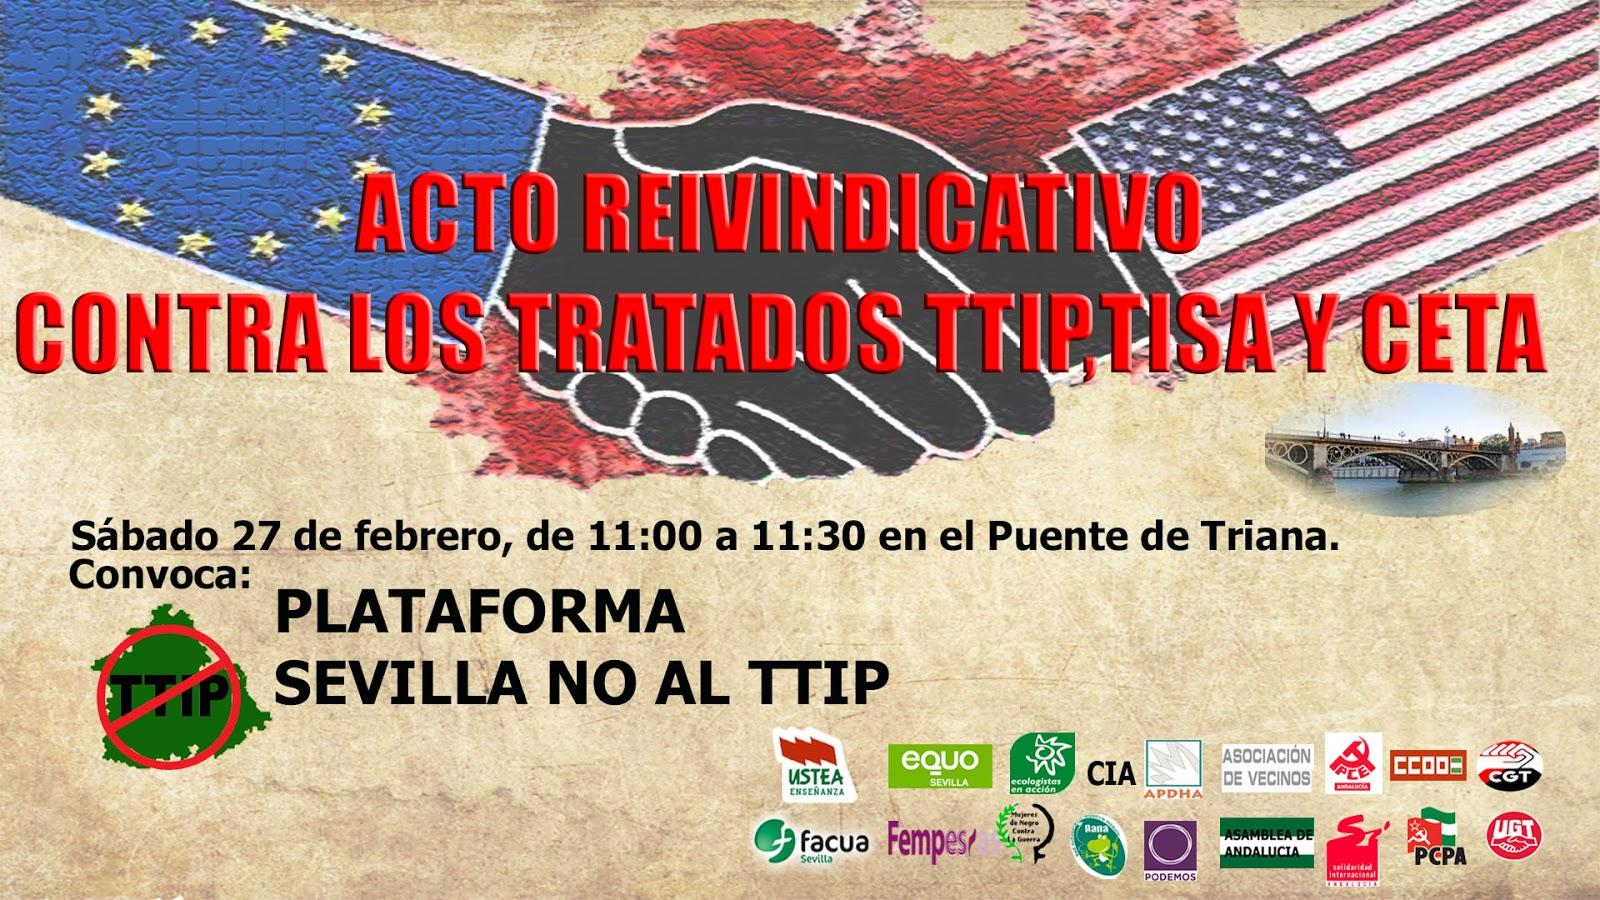 Acto contra TTIP, TISA y CETA